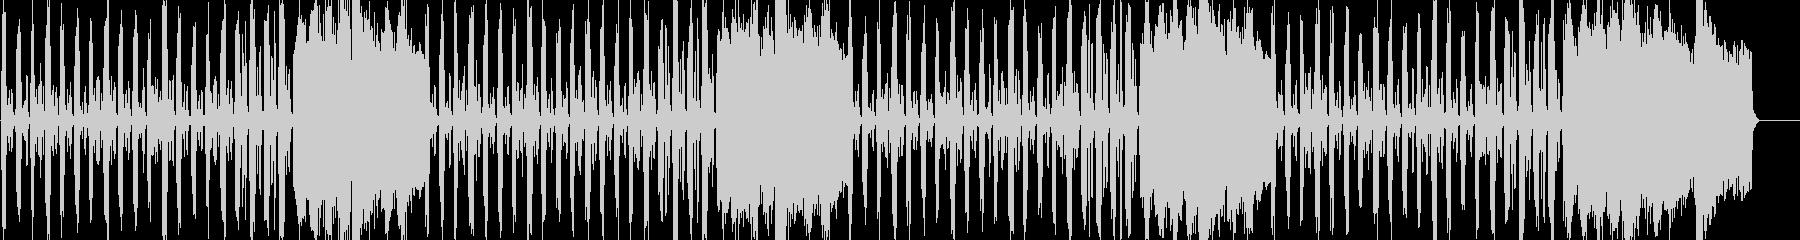 格調の高いス気品あるストリングス曲の未再生の波形